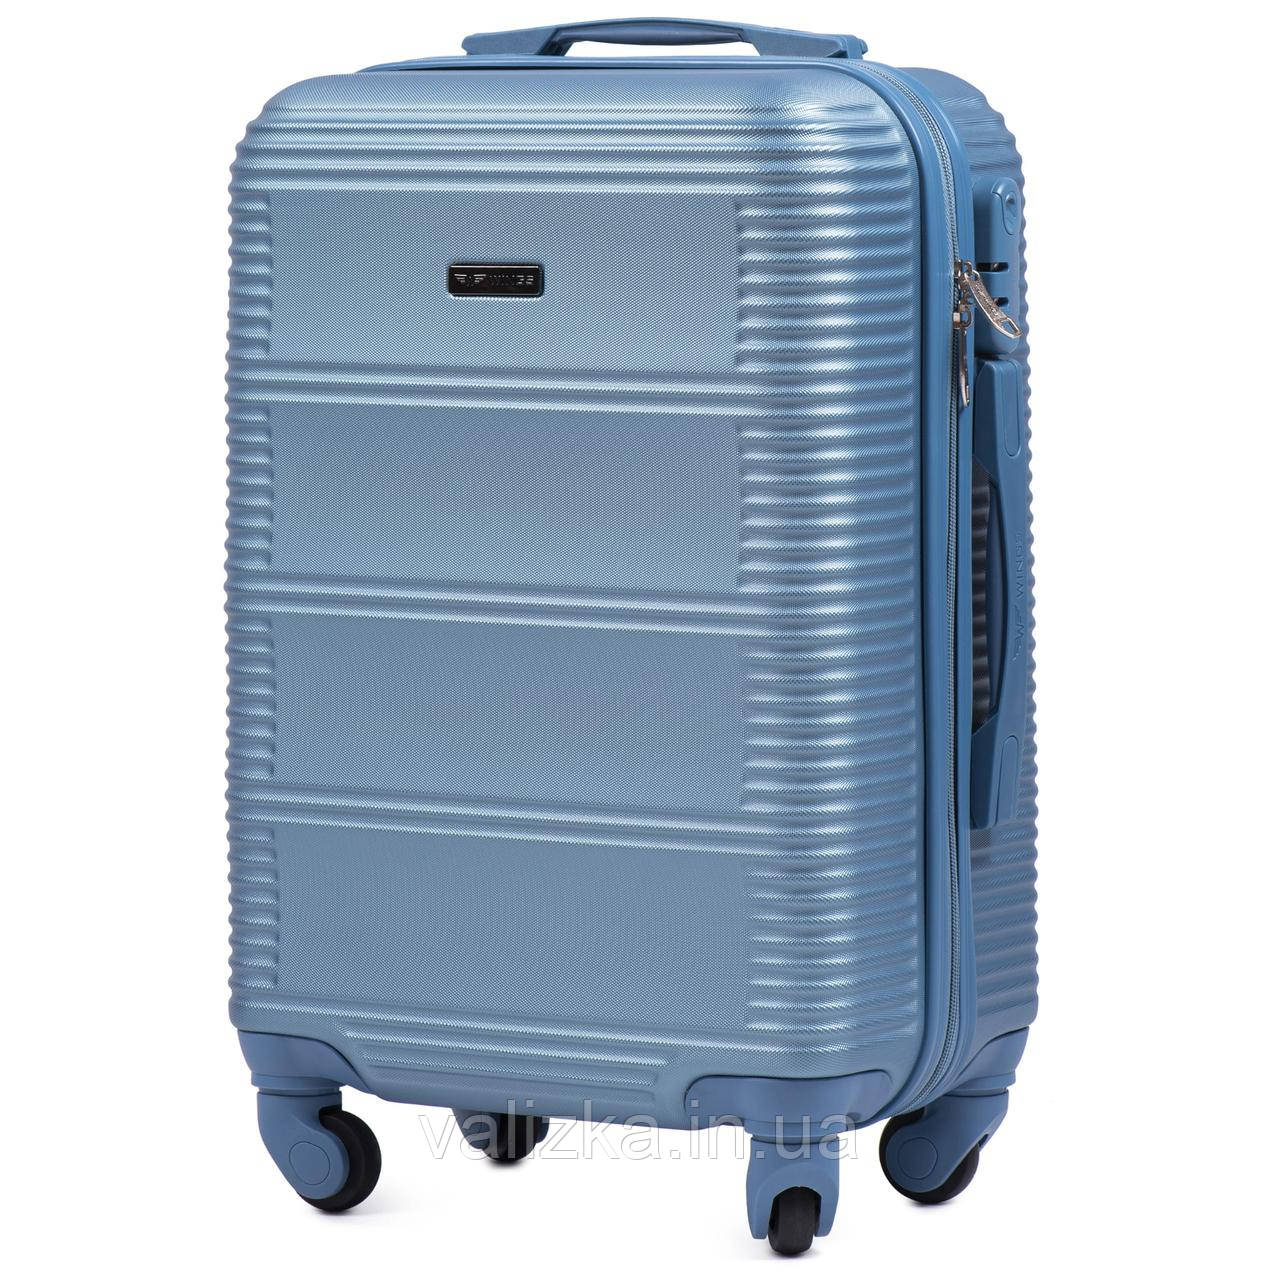 Чемодан из поликарбоната малый ручная кладь Wings 203 на 4-х колесах голубой